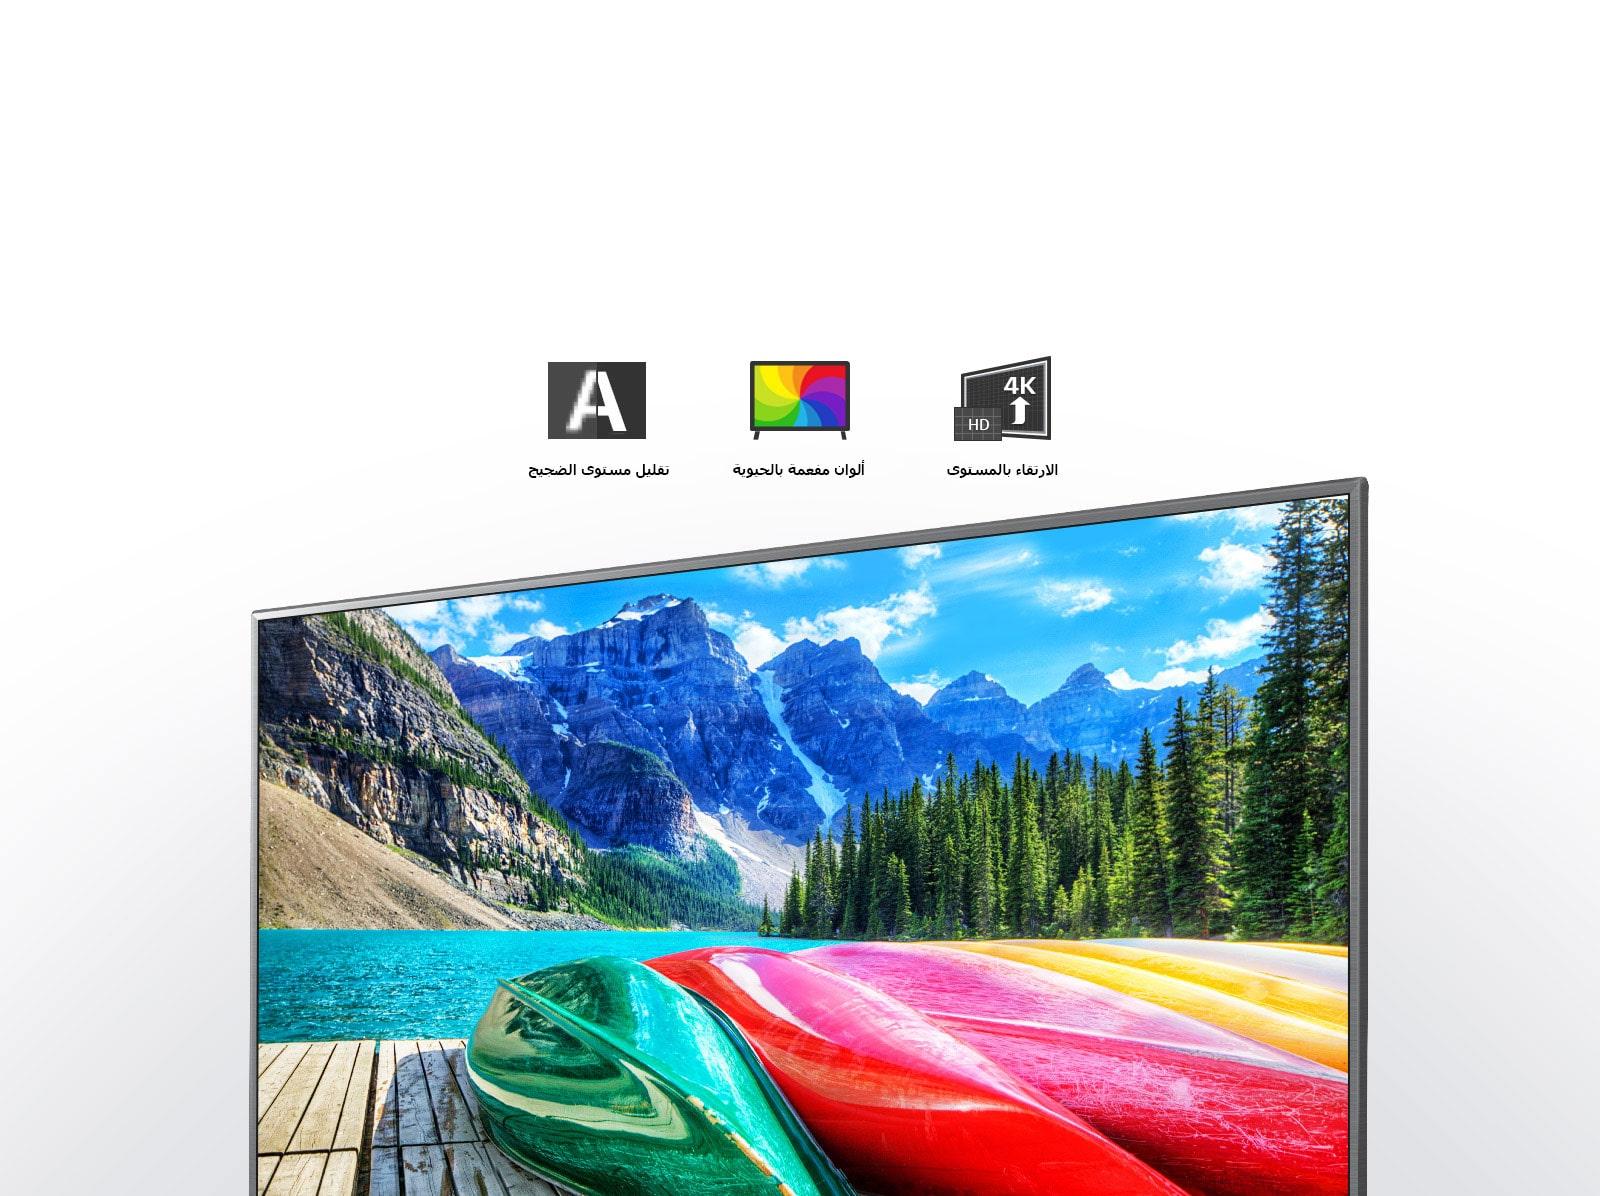 تقليل الضجيج، ألوان مفعمة بالحيوية، أيقونات محسنة، شاشة تلفزيون تعرض لقطات رائعة من الجبال والغابات والبحيرات.